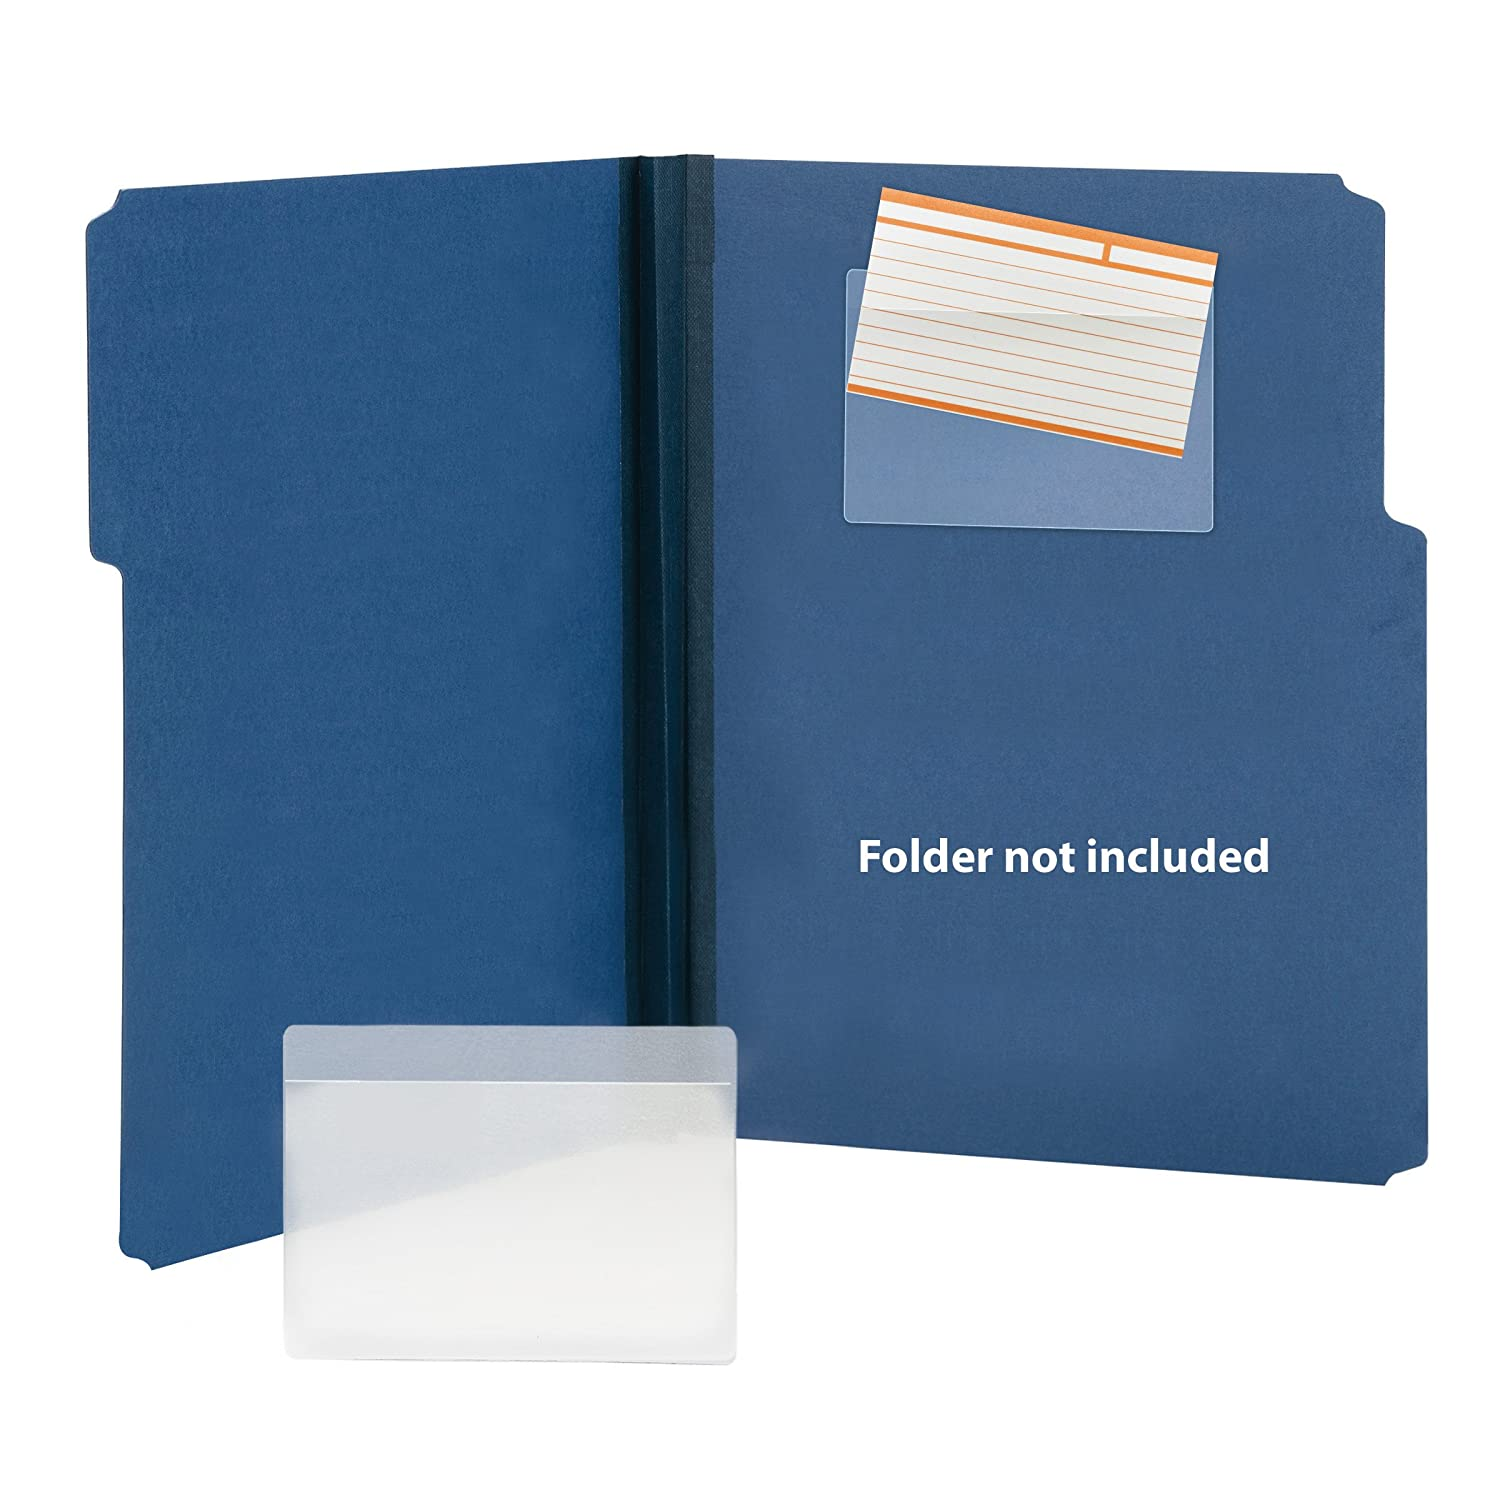 Smead Self-Adhesive Poly Pockets 100 Per Box: Amazon.es: Juguetes y juegos